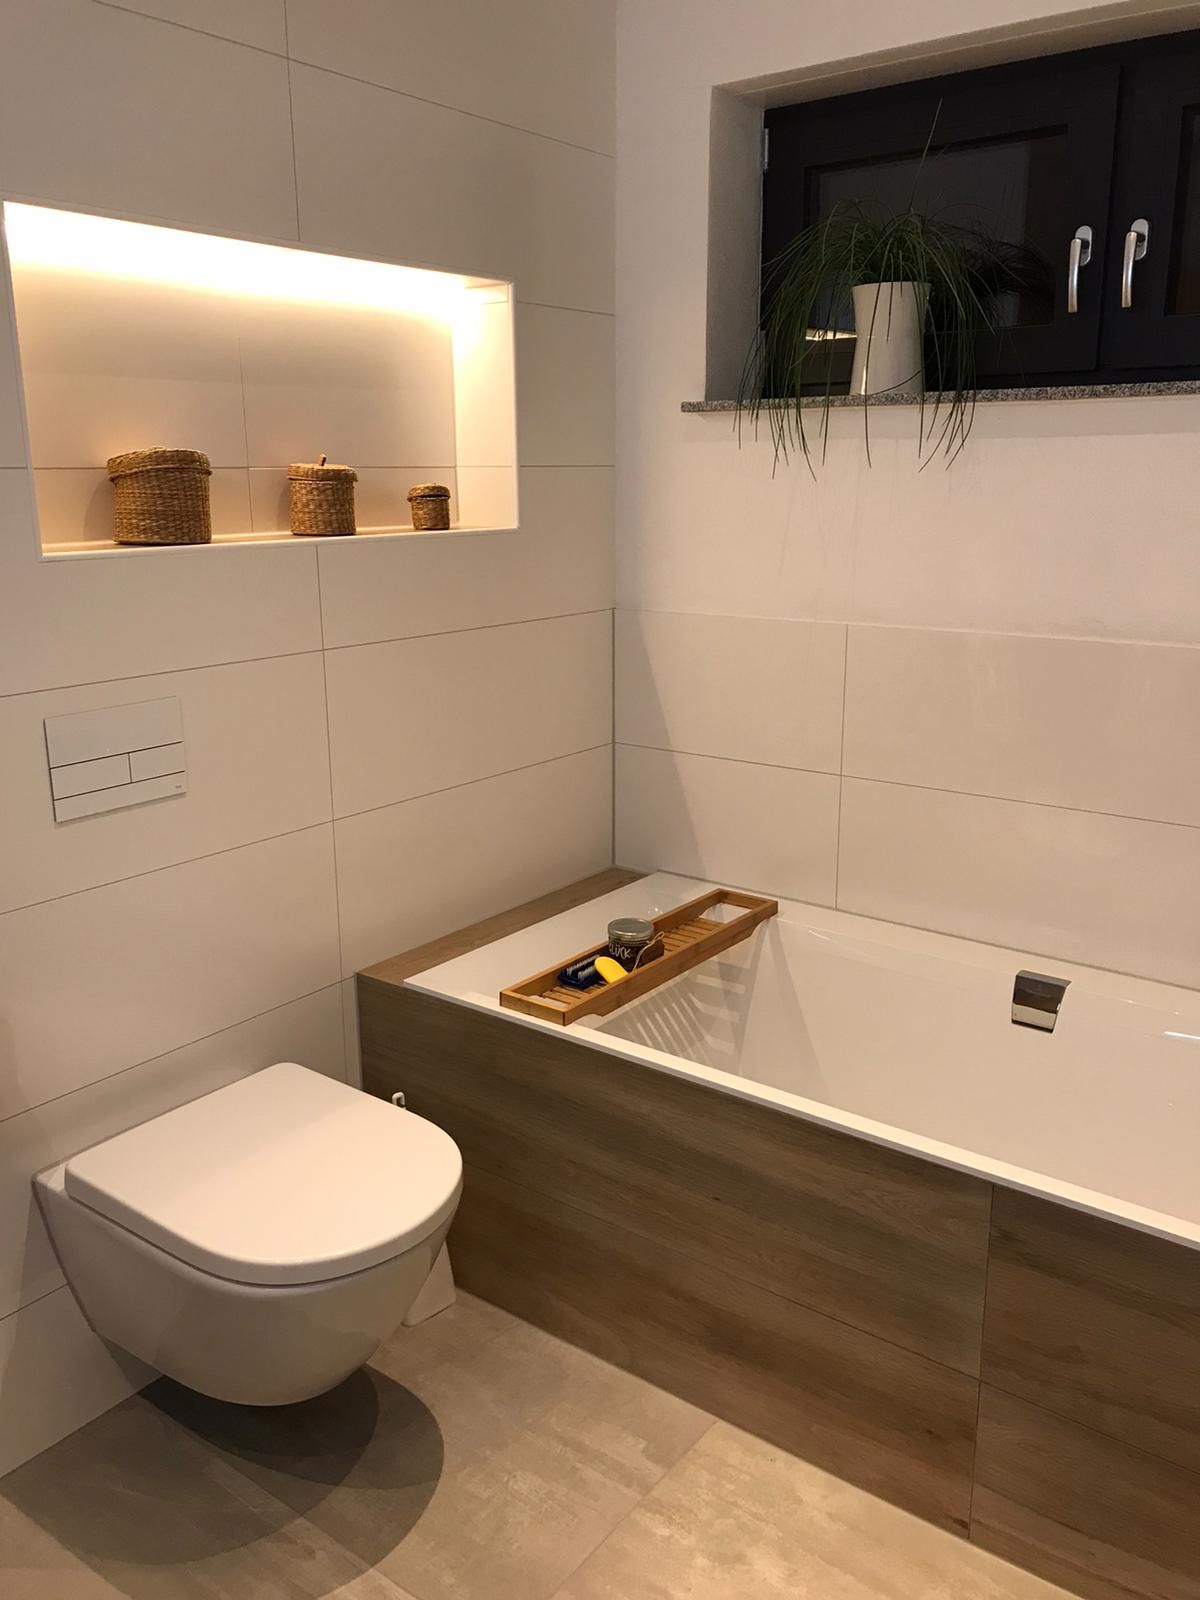 Urlaub Fur Zuhause In 2020 Gemutliches Badezimmer Badezimmer Renovieren Badezimmer Einrichtung